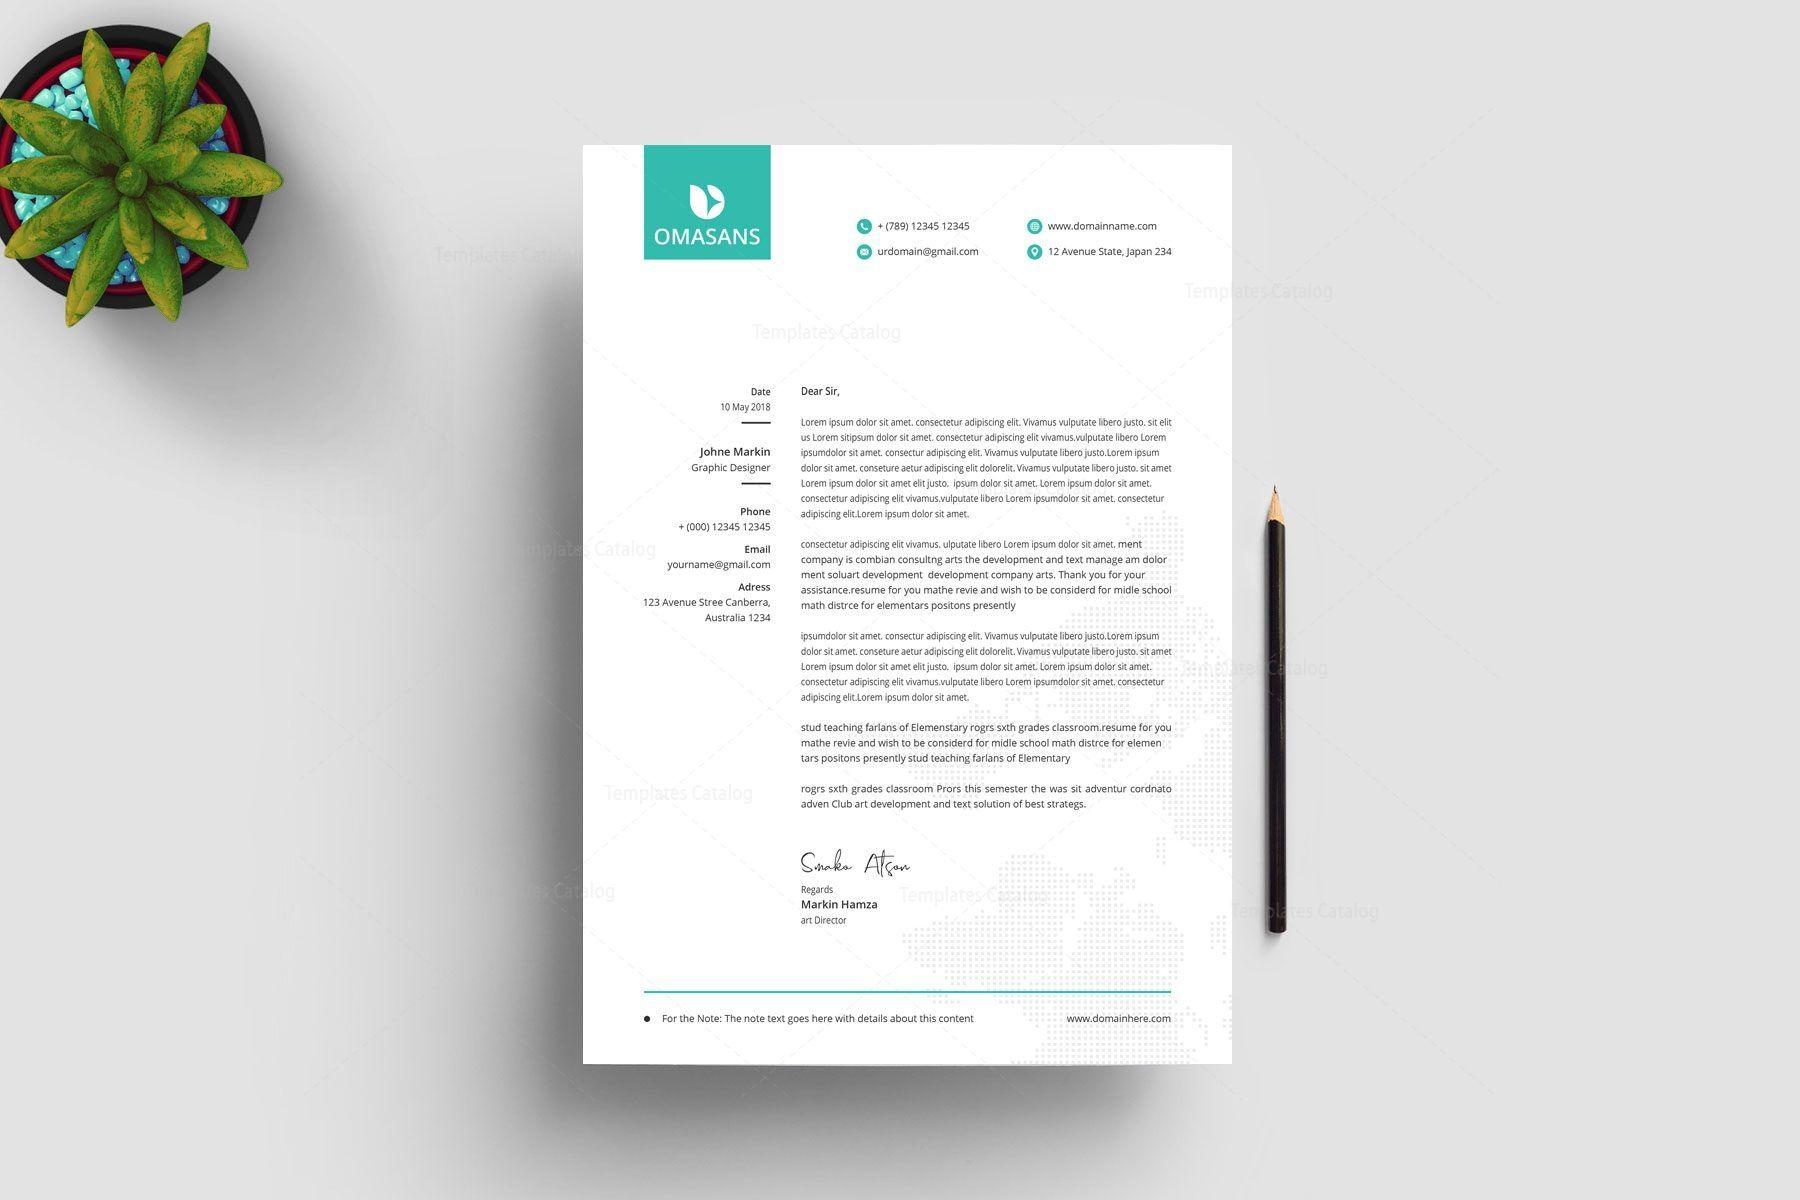 Classy Corporate Letterhead Design 002862 Template Catalog Letterhead Design Letterhead Template Print Design Template